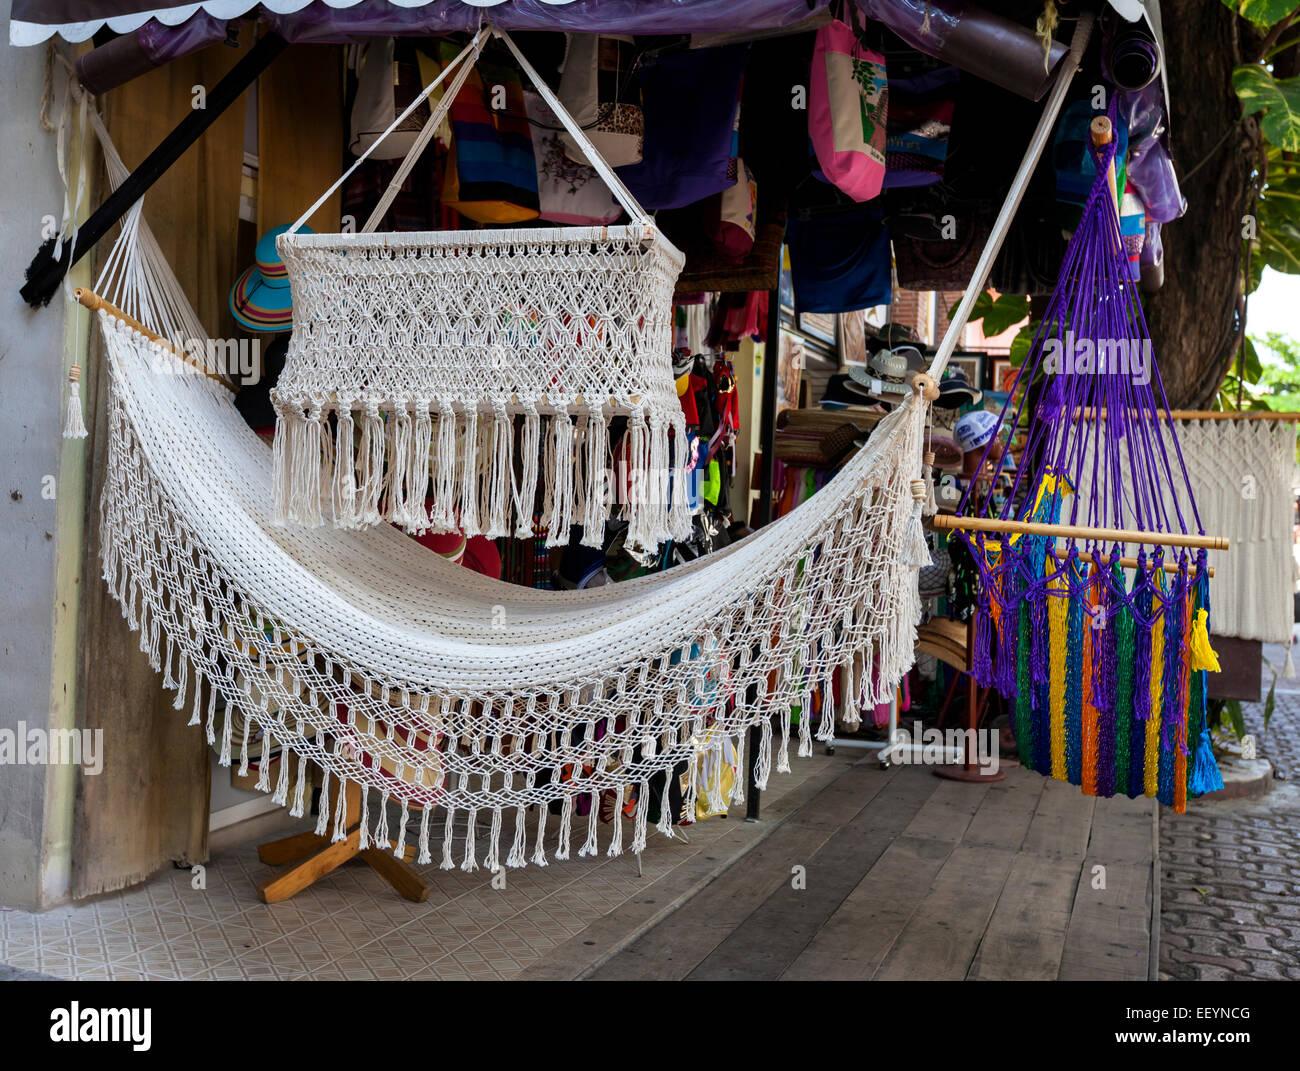 Hammock Baby Crib For Sale In A Souvenir Shop Playa Del